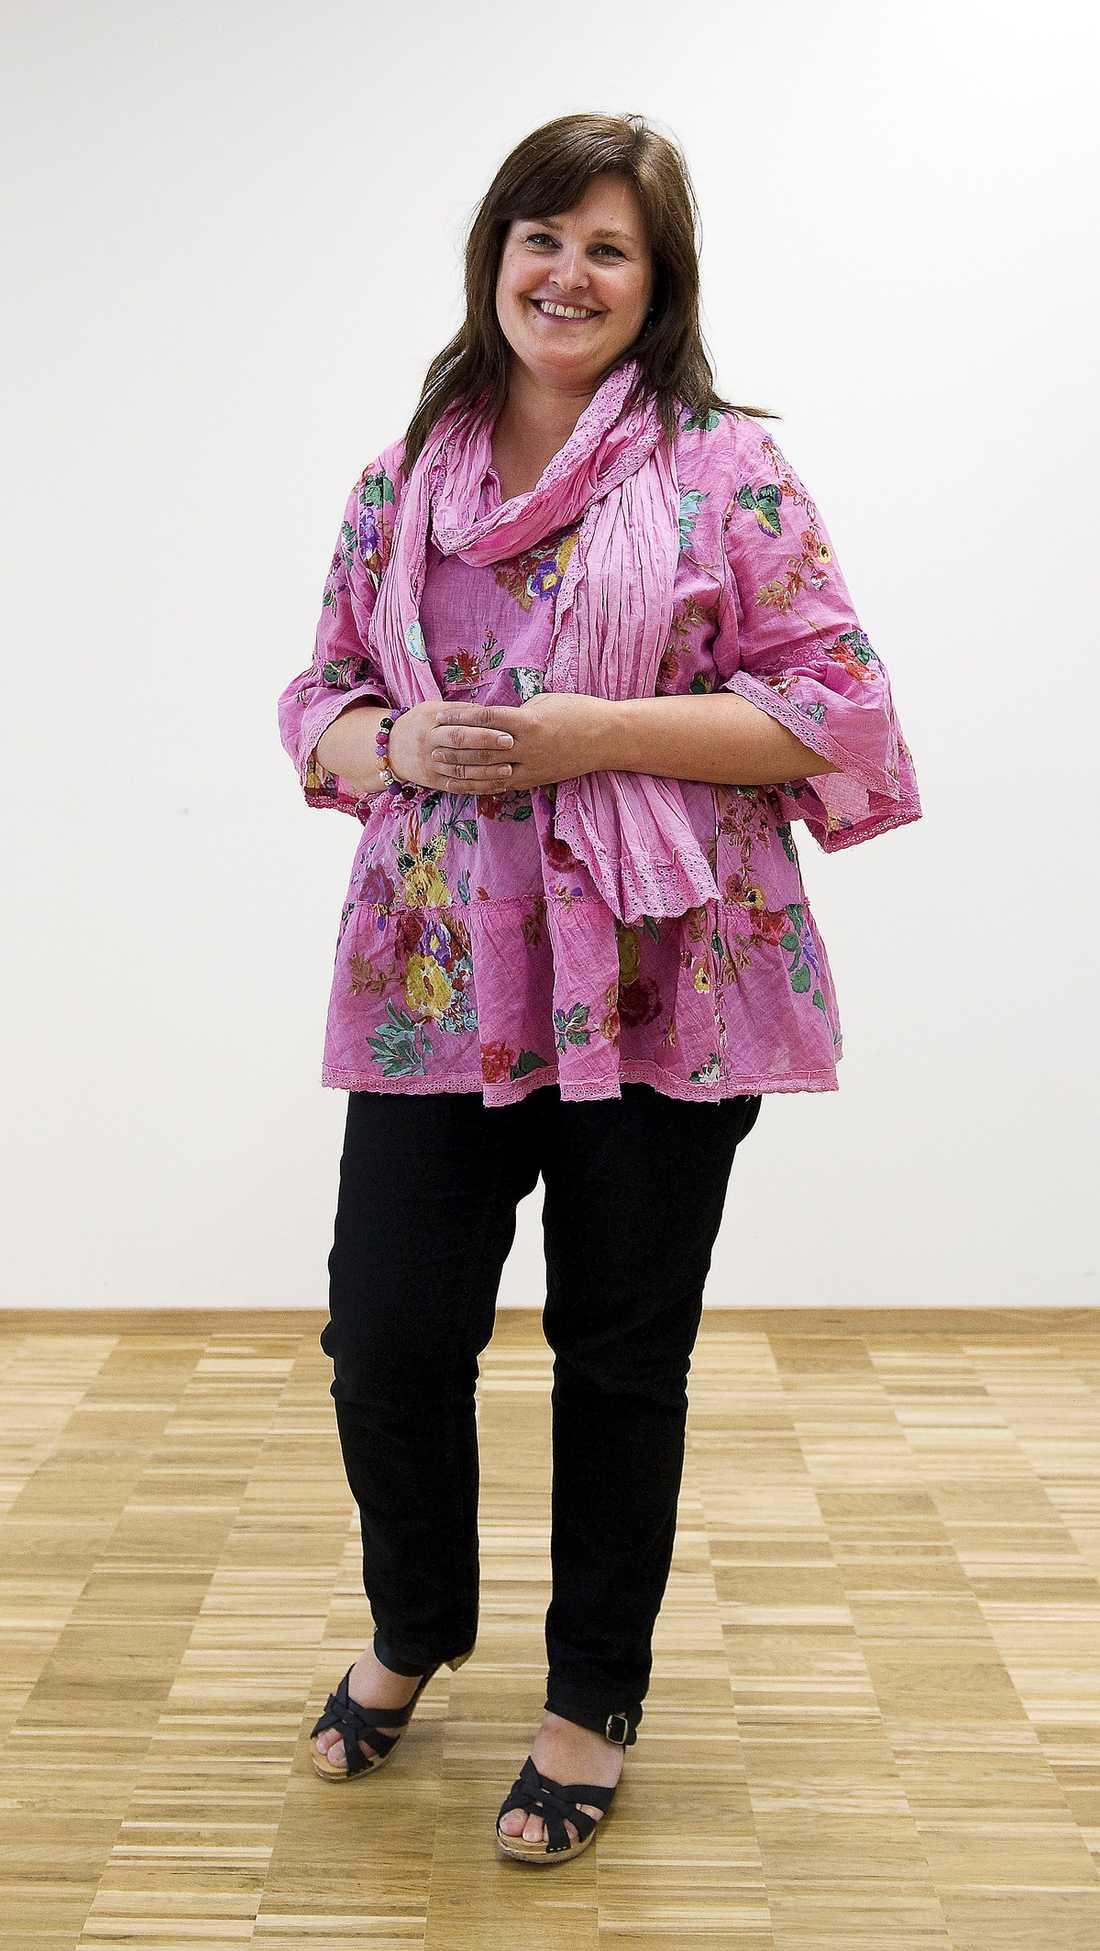 """KANDIDAT 1: 60,5% MARIA  Namn: Mikaela Valtersson Ålder: 44 år. (80 % Maria) Familj: Make, två döttrar och en son. (70 % Maria) Bor: Upplands Väsby norr om Stockholm. (""""Fel"""" sida om stan, viktig fråga i Stockholm. 50 % Maria.) Utbildning: Gymnasielärare via Lärarhögskolan i Stockholm. (40 % Maria) Politisk erfarenhet: Riksdags-ledamot sedan 2002. Har varit partiets ekonomisk-politiska talesperson. Numera gruppledare i riksdagen. (Tunga poster i partiet, 80 % Maria) Musiksmak: David Bowie. (Inte så långt från Kent, 60 % Maria) Mat: Kött, högst en gång i veckan. Hellre fisk och grönsaker. (70 % Maria) Sociala medier: Twittrar.(Ingen blogg men twittrar, 50 % Maria) Intressen: Hantverk som scrapbooking och måleri. (Använder gärna händerna, 15 % Maria). Profilfrågor: Utbildningspolitik, men framför allt migrationsfrågan. (Politik inom flera områden, 90 % Maria) SRESULTAT: Mikaela Valtersson är 60,5 % MARIA.  Den gamla läraren Valtersson saknar Wetterstrands erfarenhet av miljöstudier och ägnar sig hellre åt hantverk än tv-spel. Samtidigt har hon som språkröret en bakgrund med flera tunga politiska poster."""